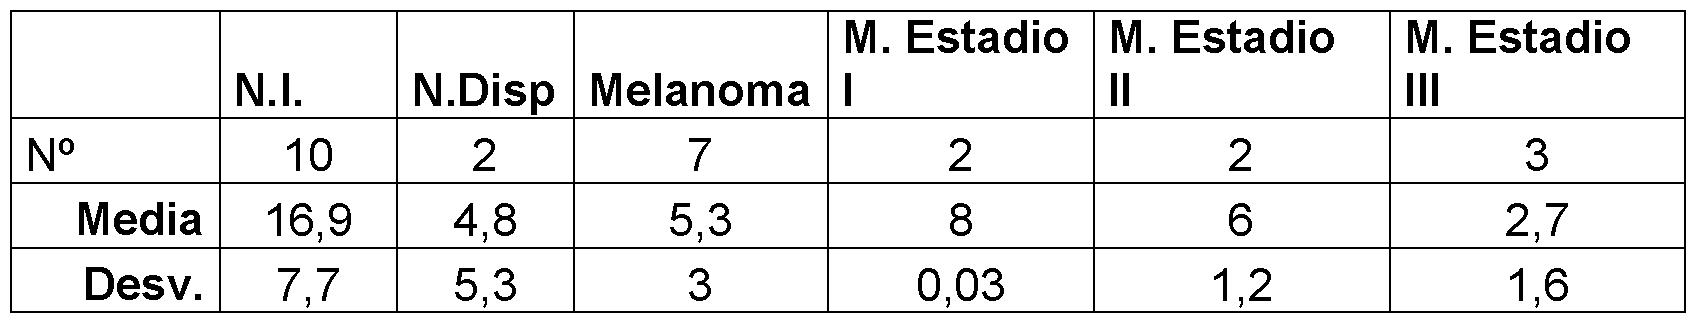 Número de fragmentos con cáncer de próstata Estado 1 de 24